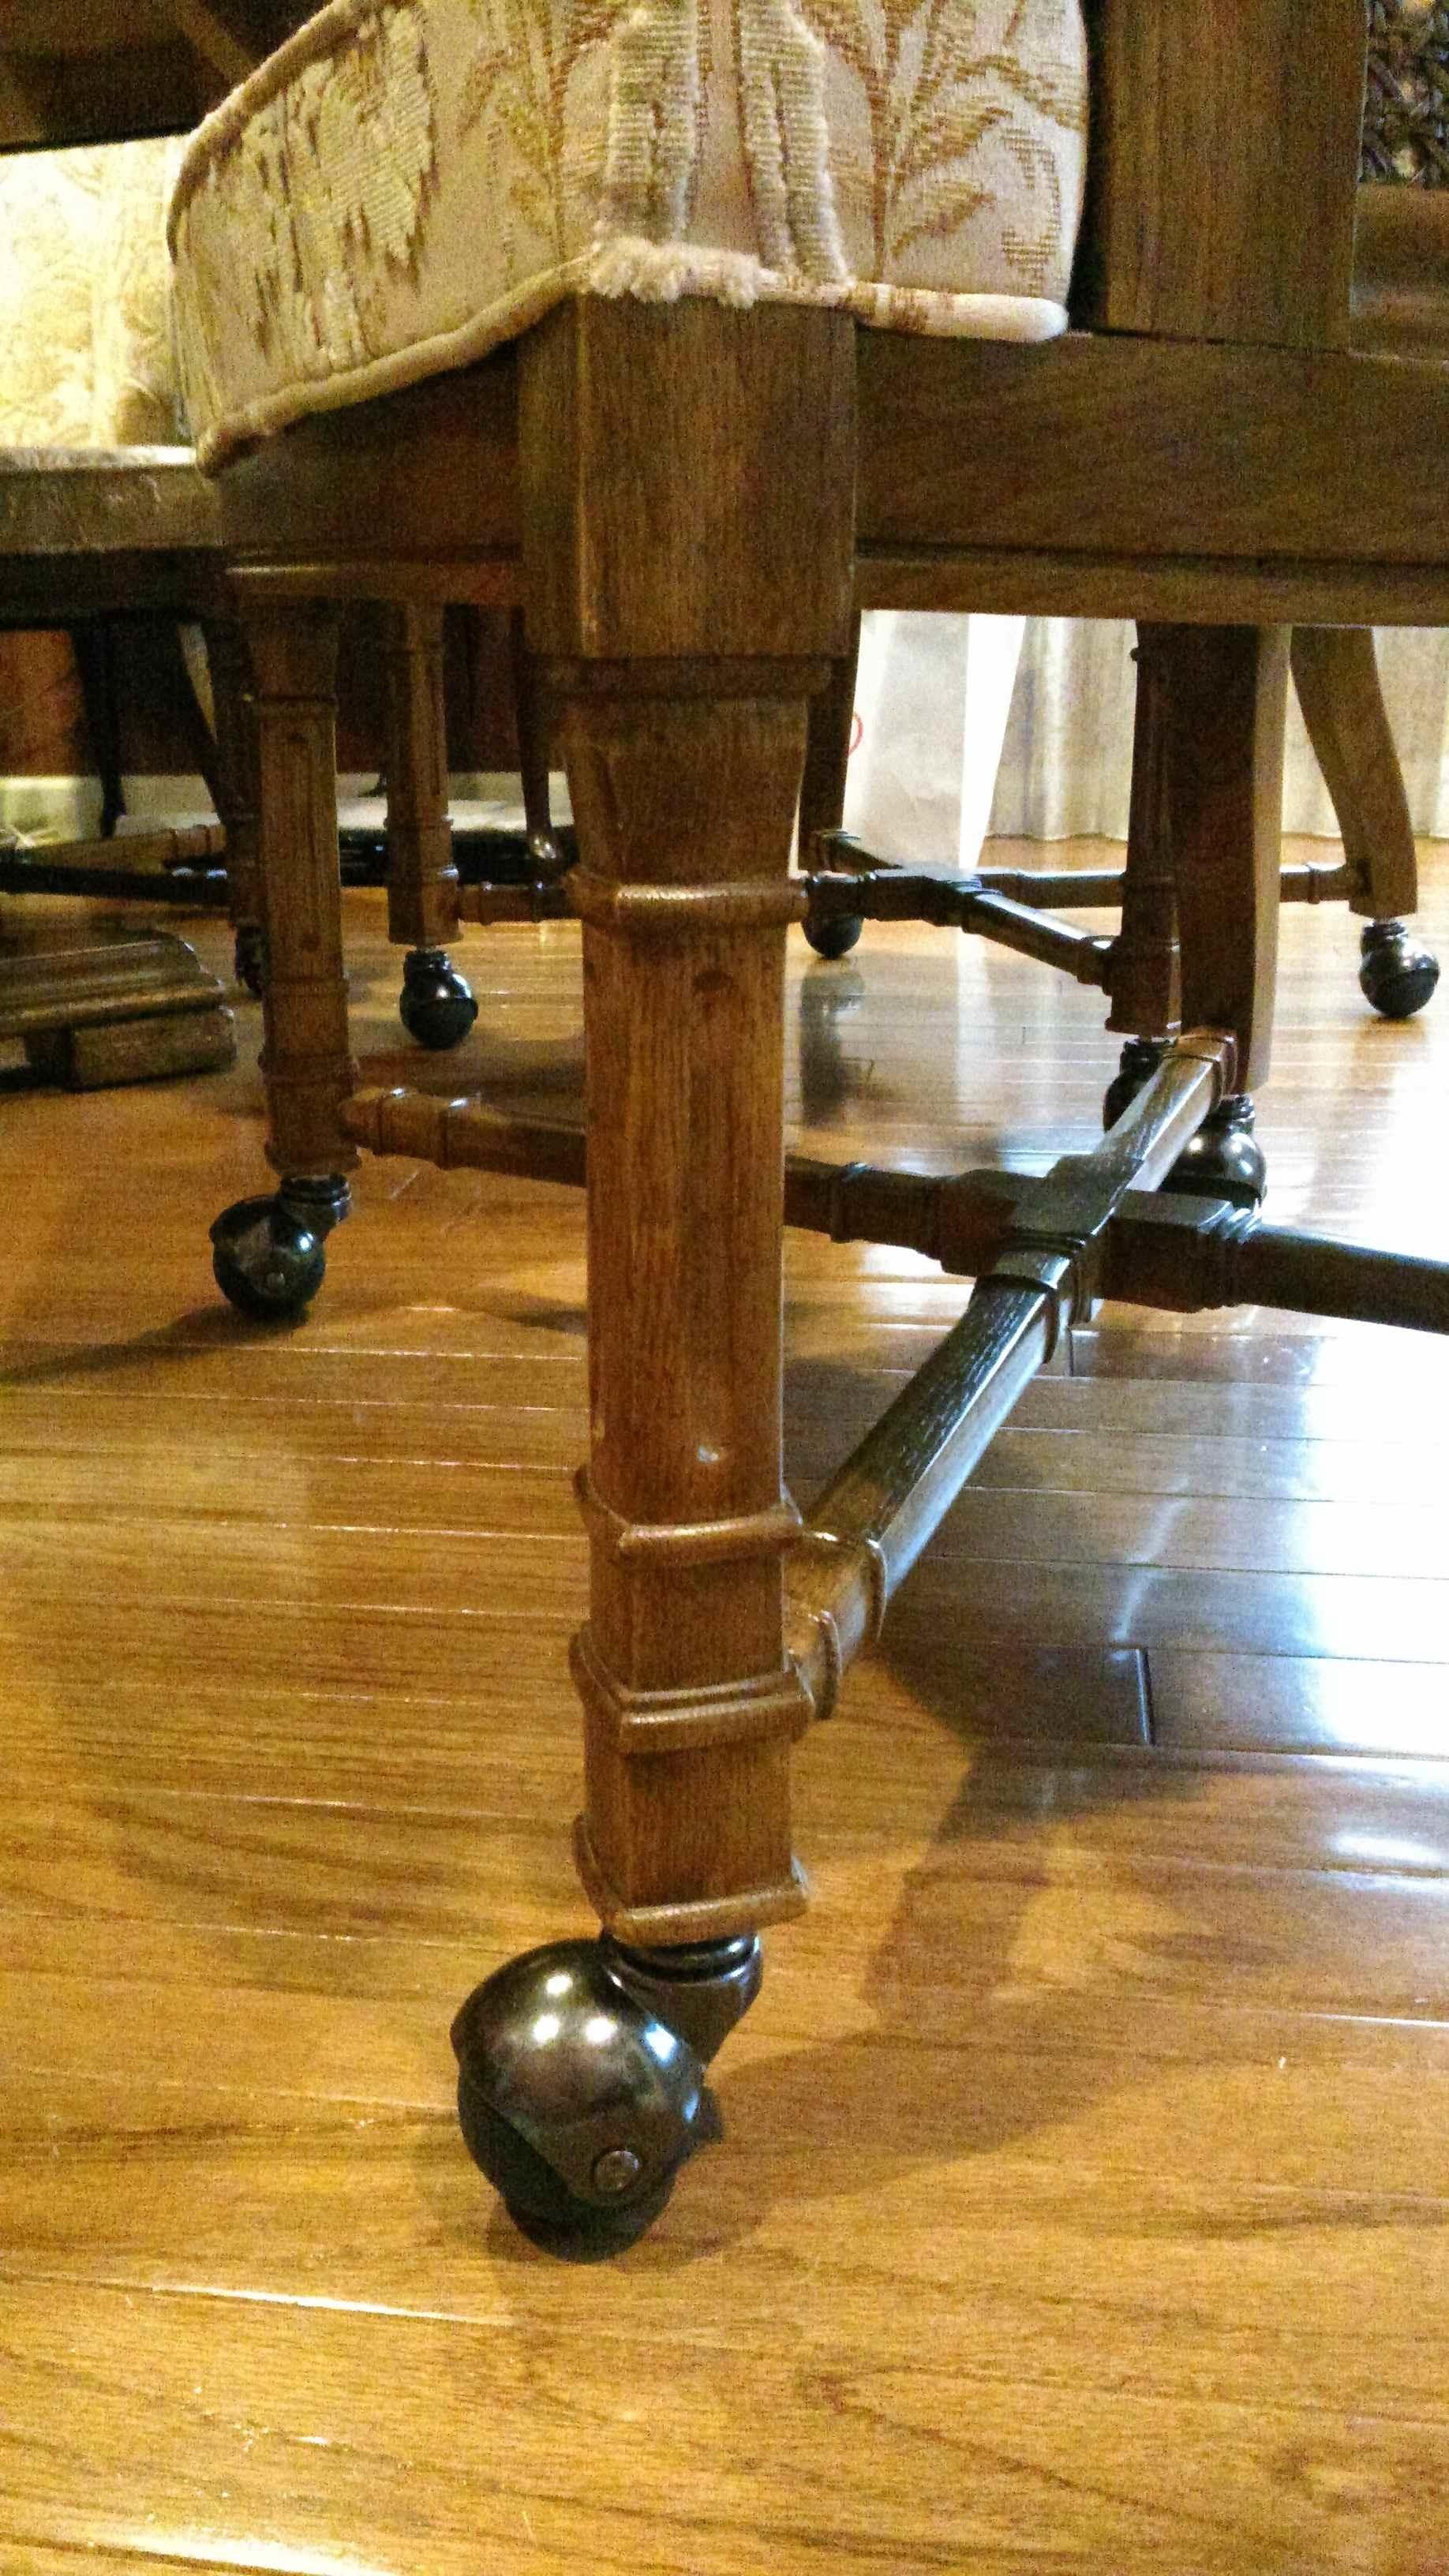 ダイニングチェア 修理 モリス正規販売店のブライト_c0157866_20282140.jpg